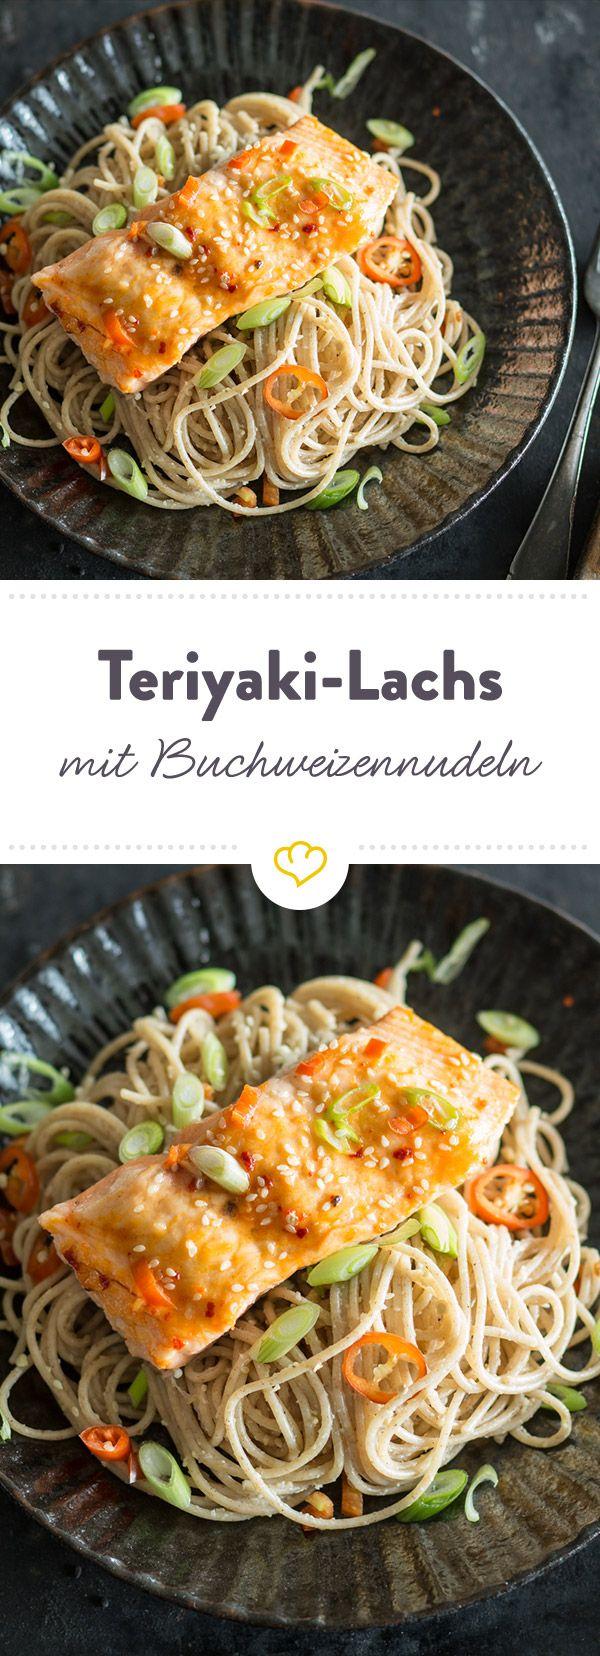 Photo of Gebratener Teriyaki-Lachs mit Buchweizennudeln